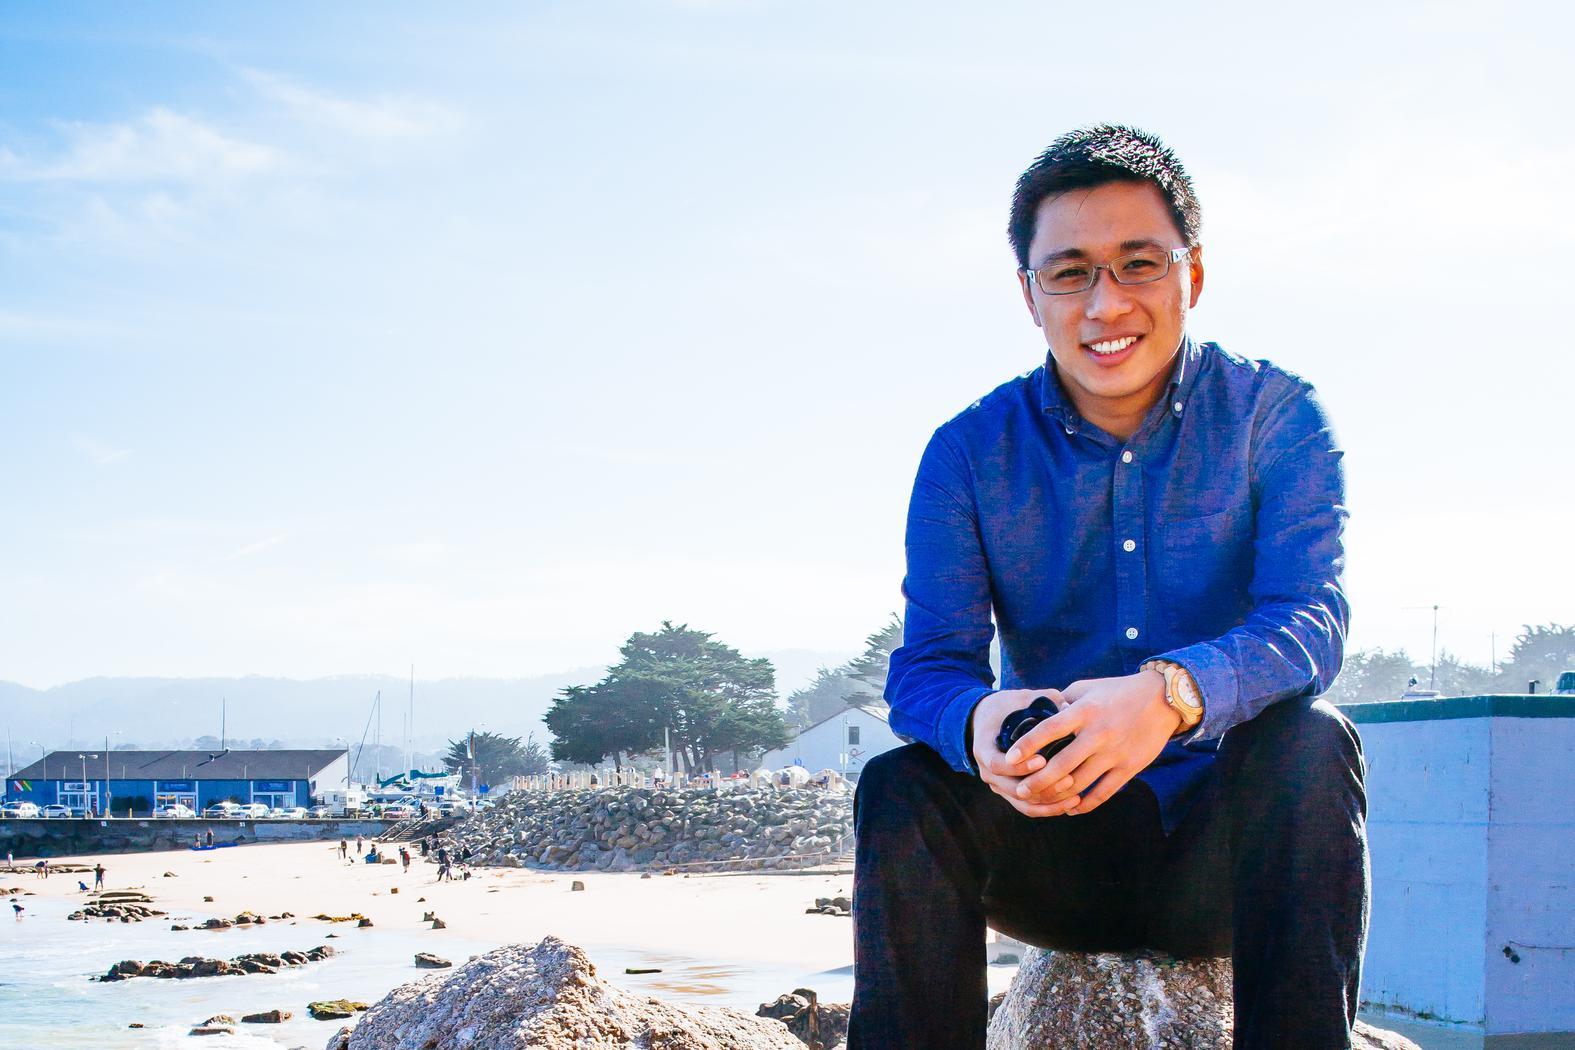 James Ngo